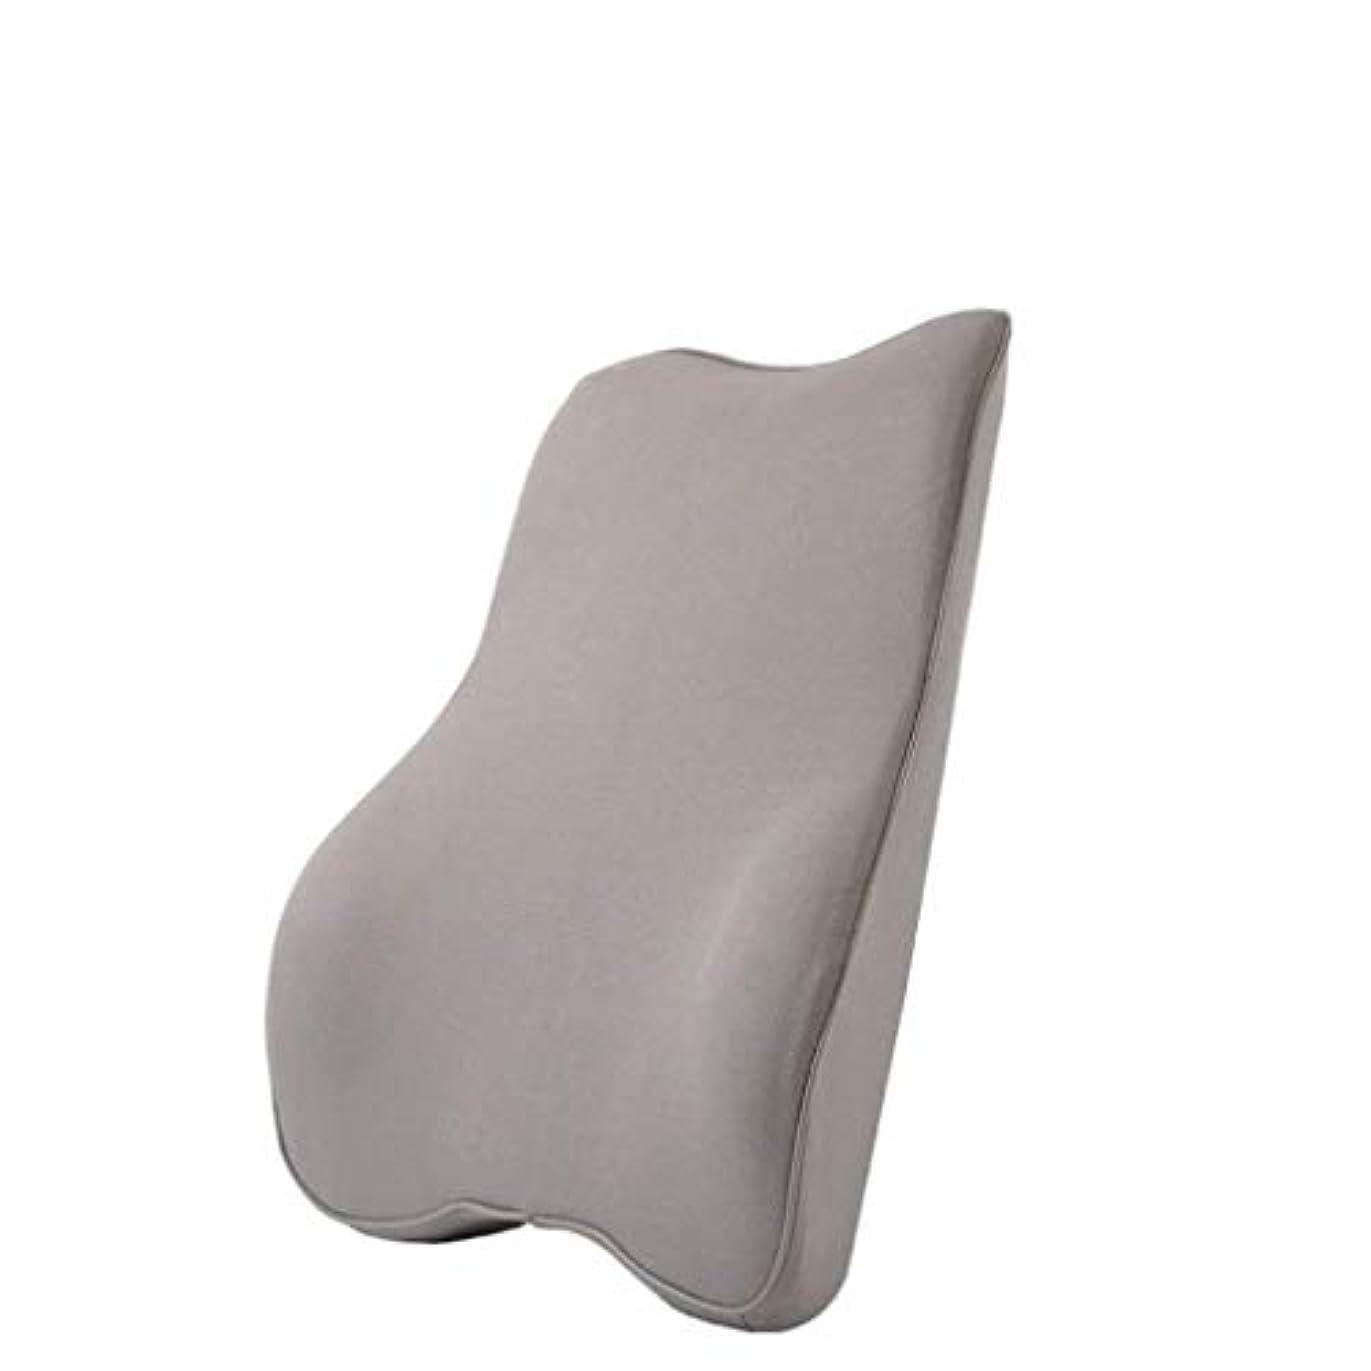 スラム街重大思慮深い枕および腰椎サポート記憶枕は旅行総本店のカー?シートのために適した背中の背中の痛みを和らげるのを助けます (Color : Gray)